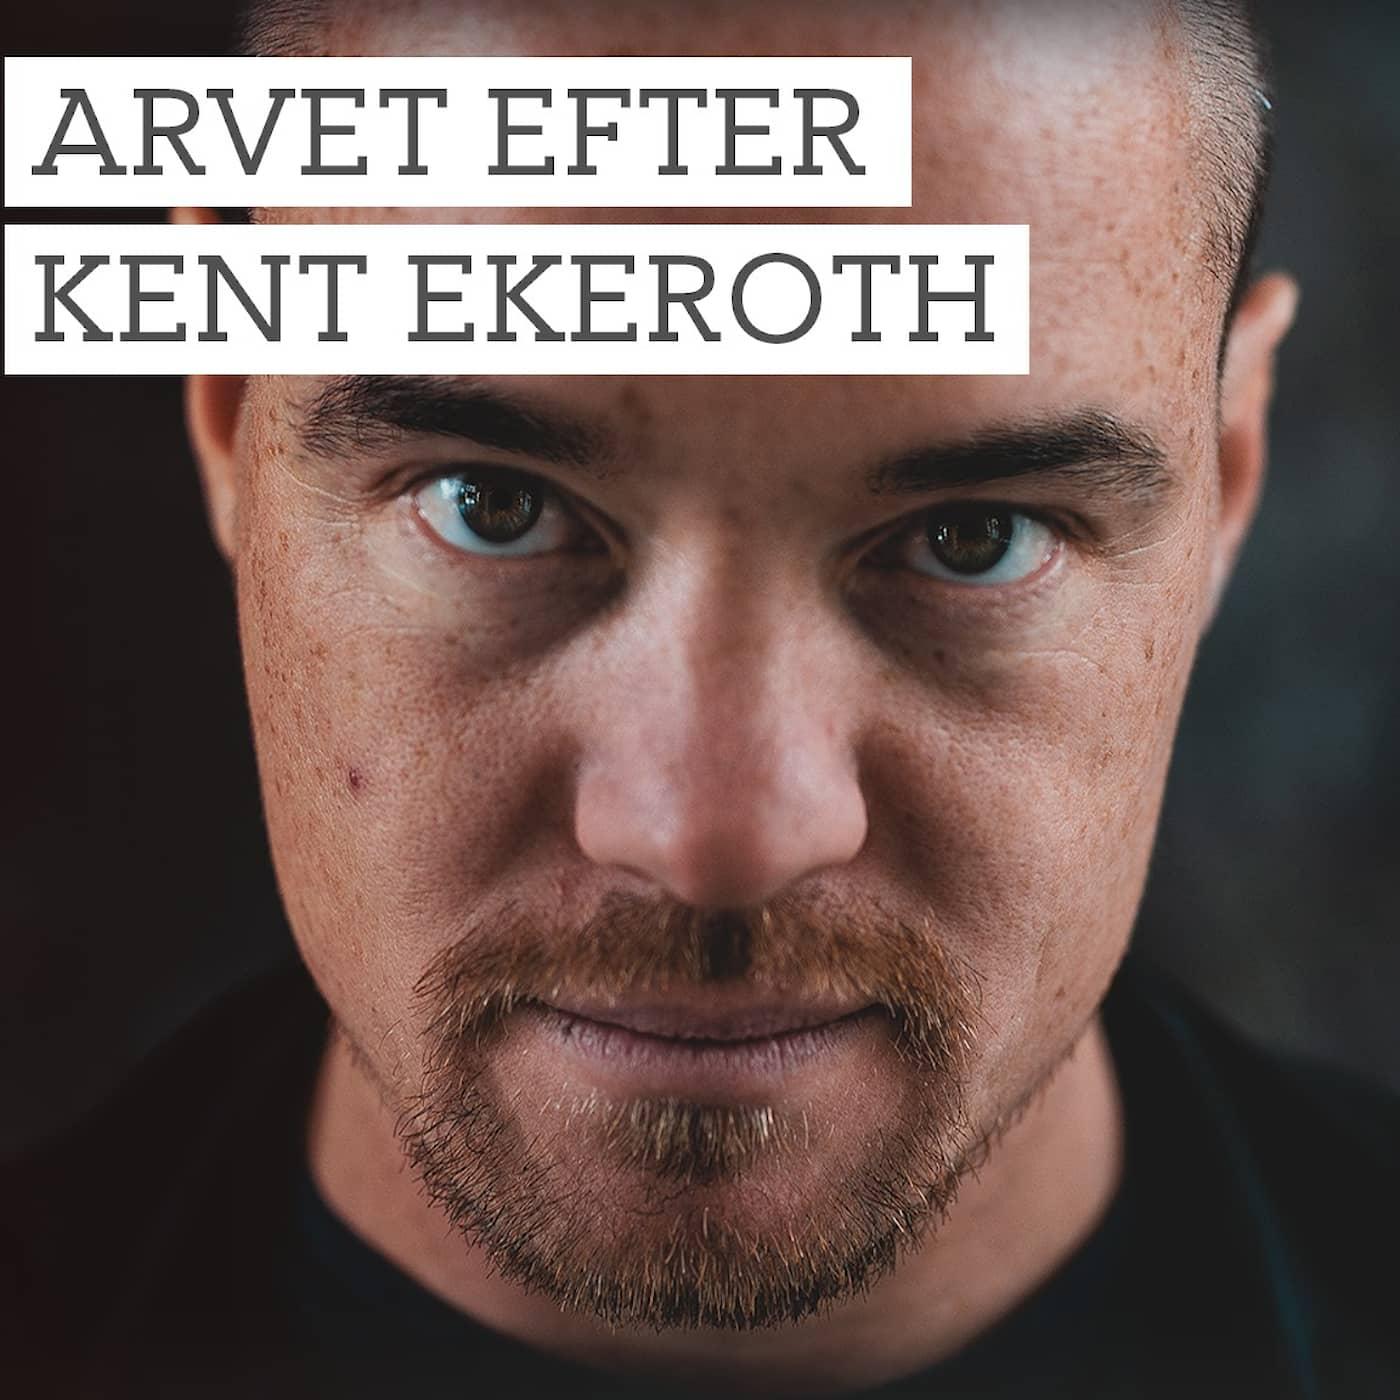 Arvet efter Kent Ekeroth